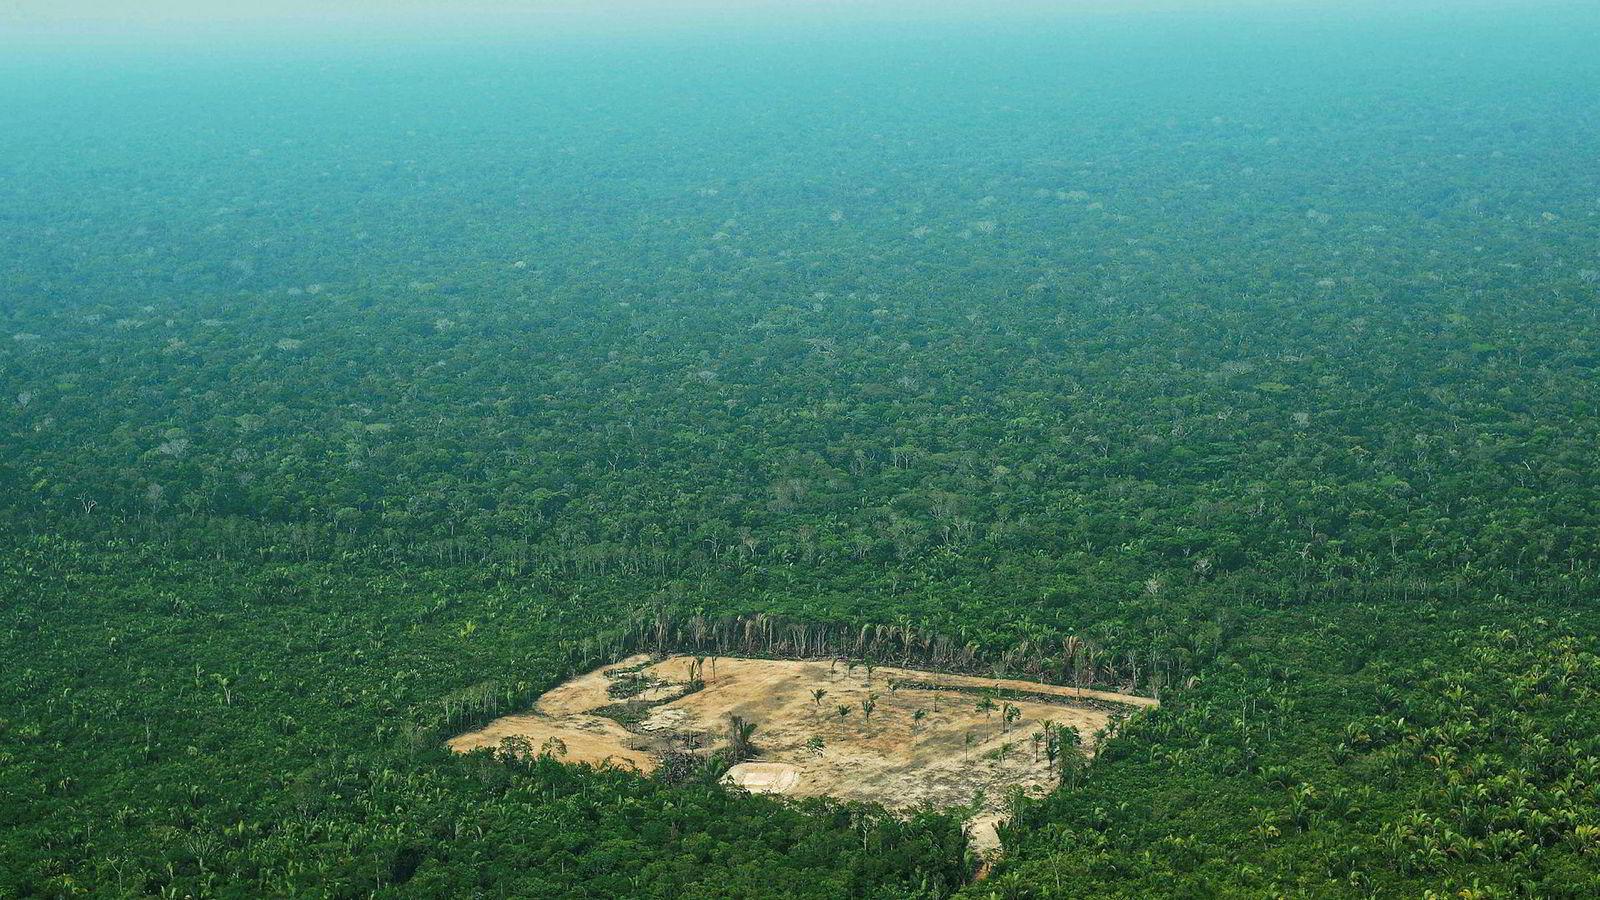 Den nye regjeringen i Brasil ruller tilbake tiltak for å bekjempe ulovlig hugst i Amazonas. Det skaper diplomatisk krøll med Norge.